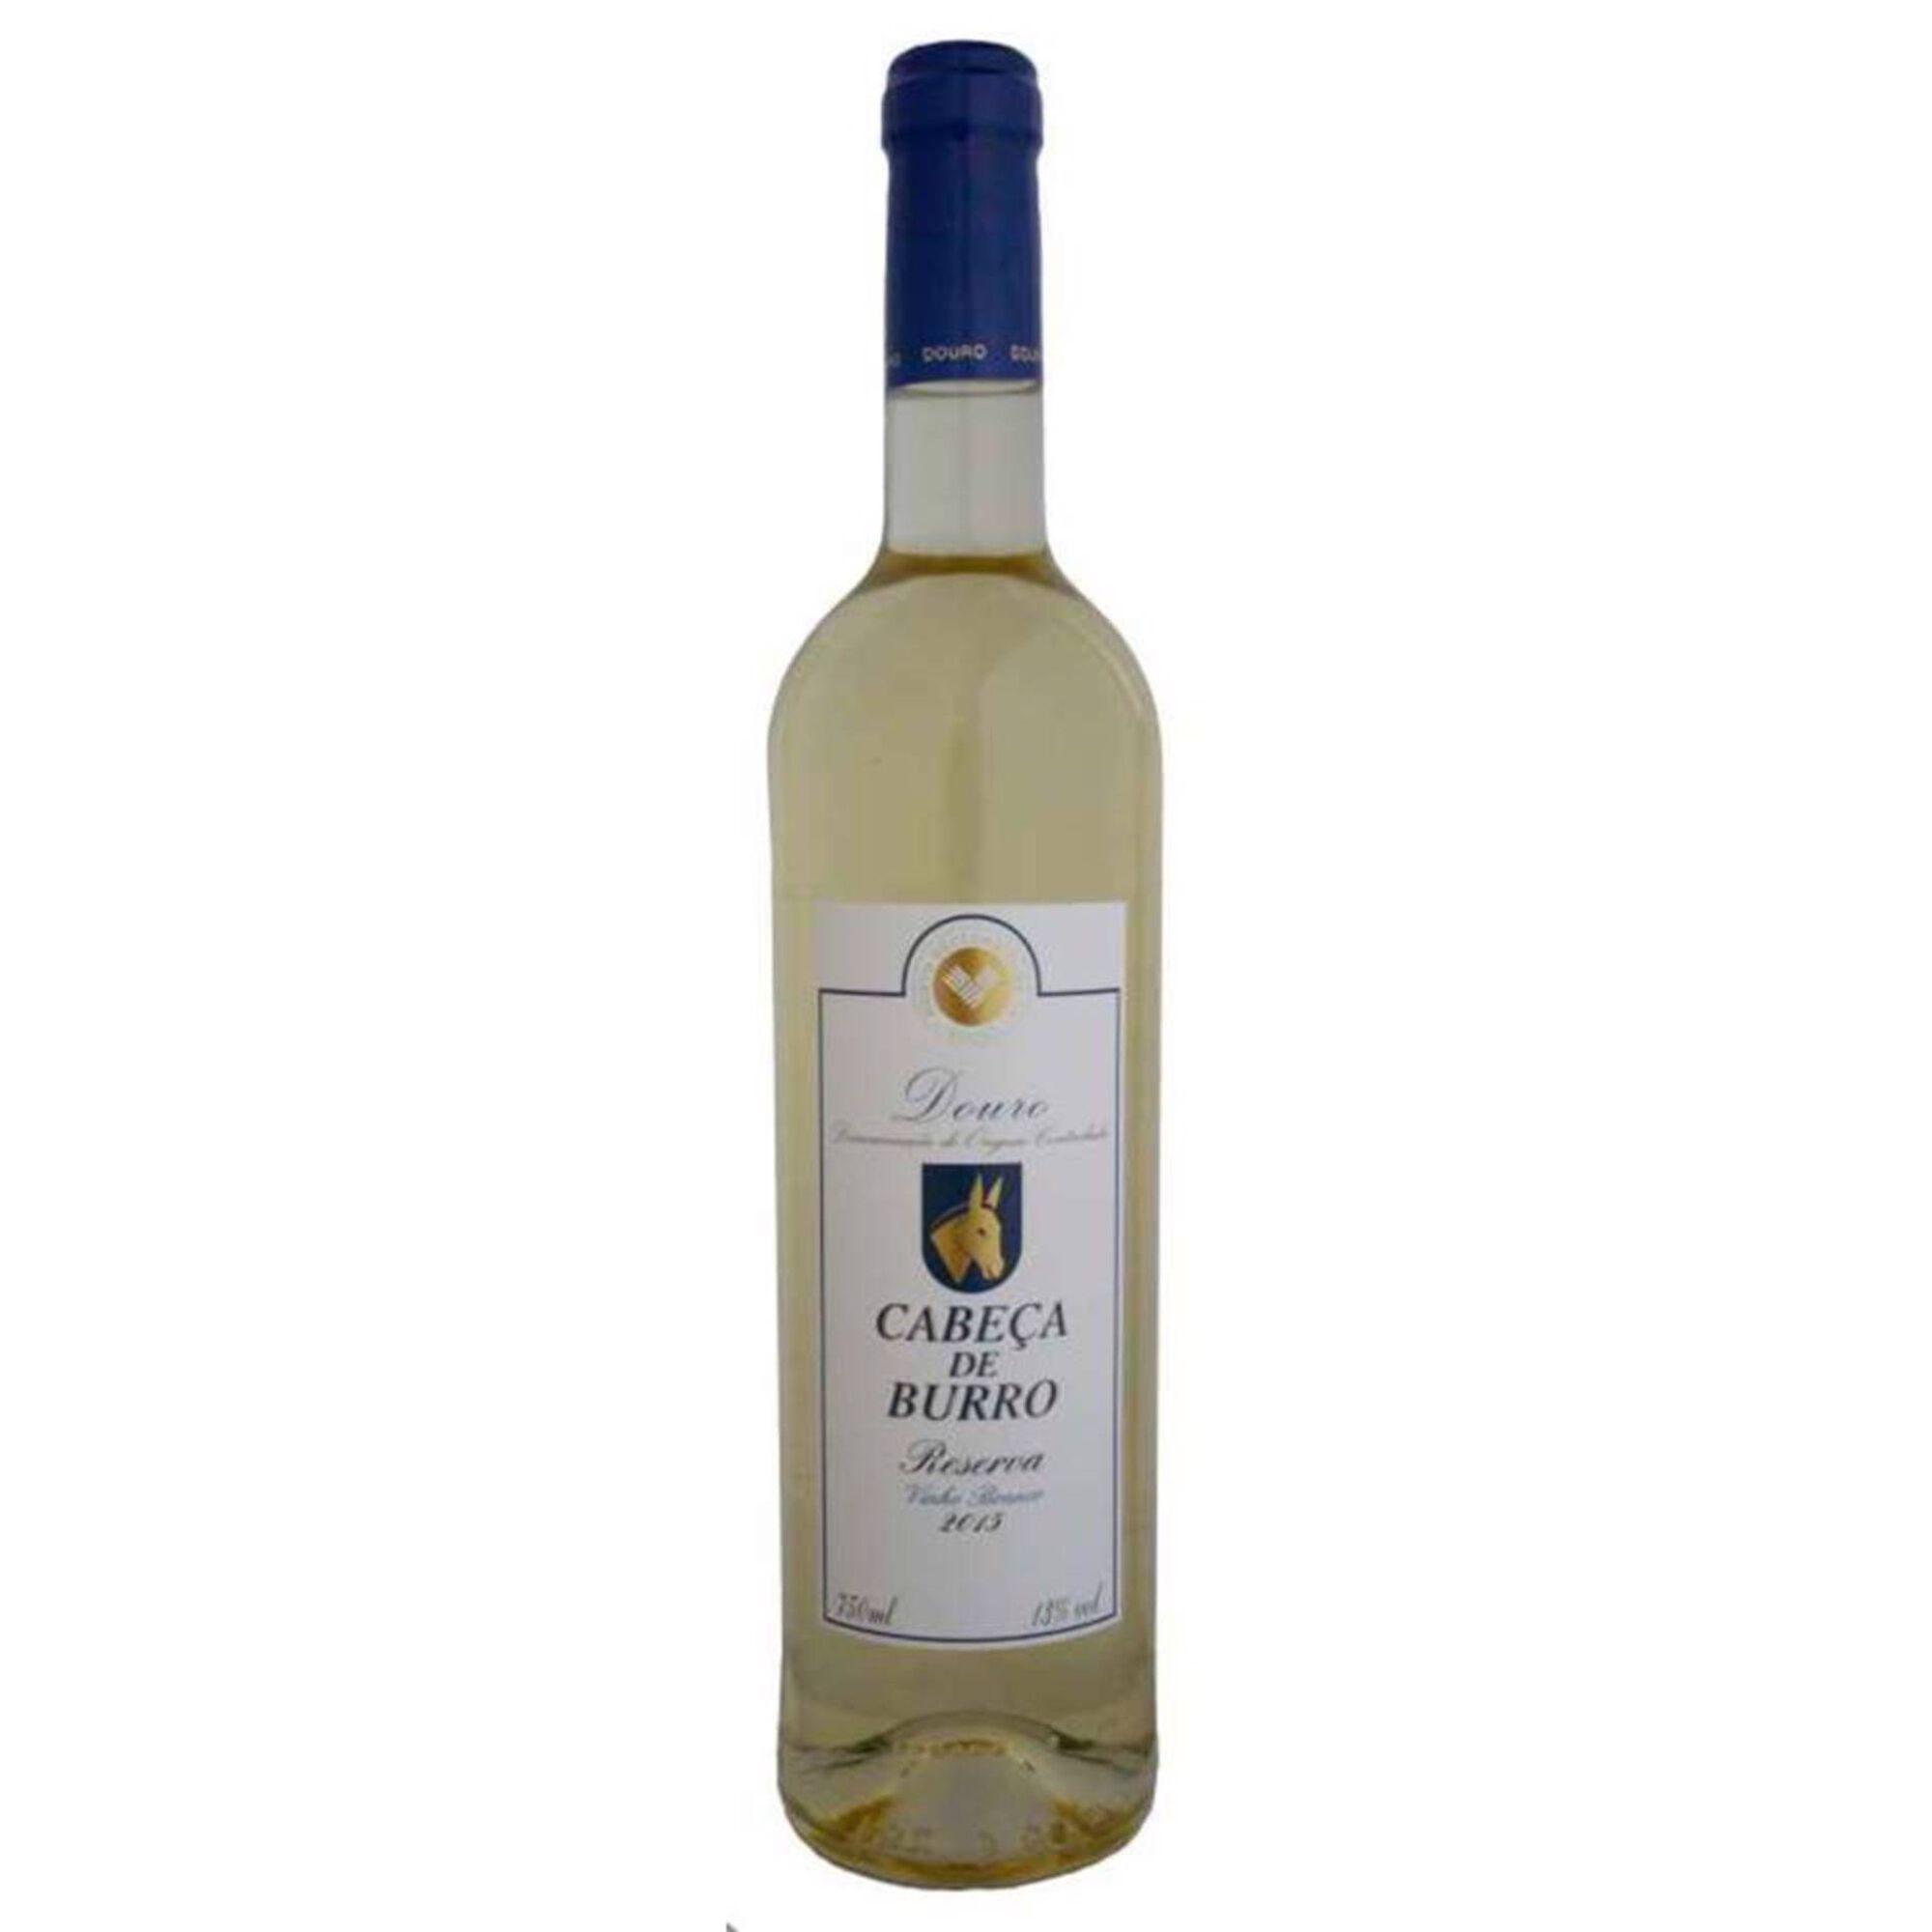 Cabeça de Burro Reserva DOC Douro Vinho Branco